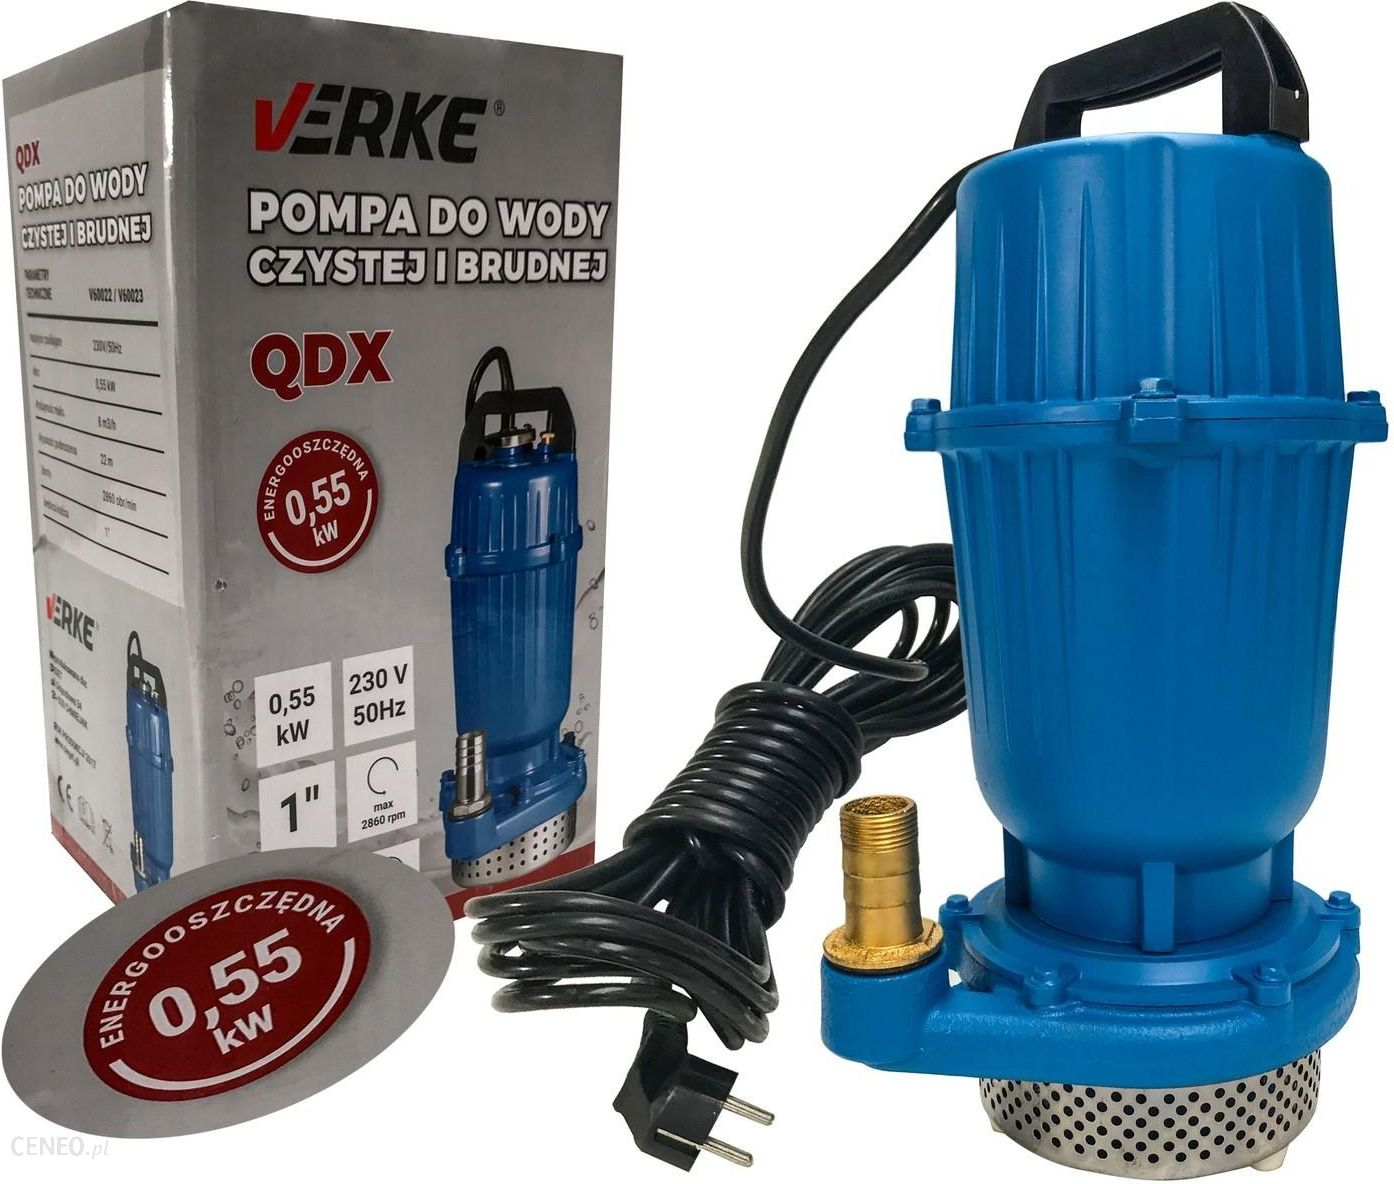 Verke Pompa Do Wody Brudnej Energooszczedna Qdx 550 Ceny I Opinie Ceneo Pl